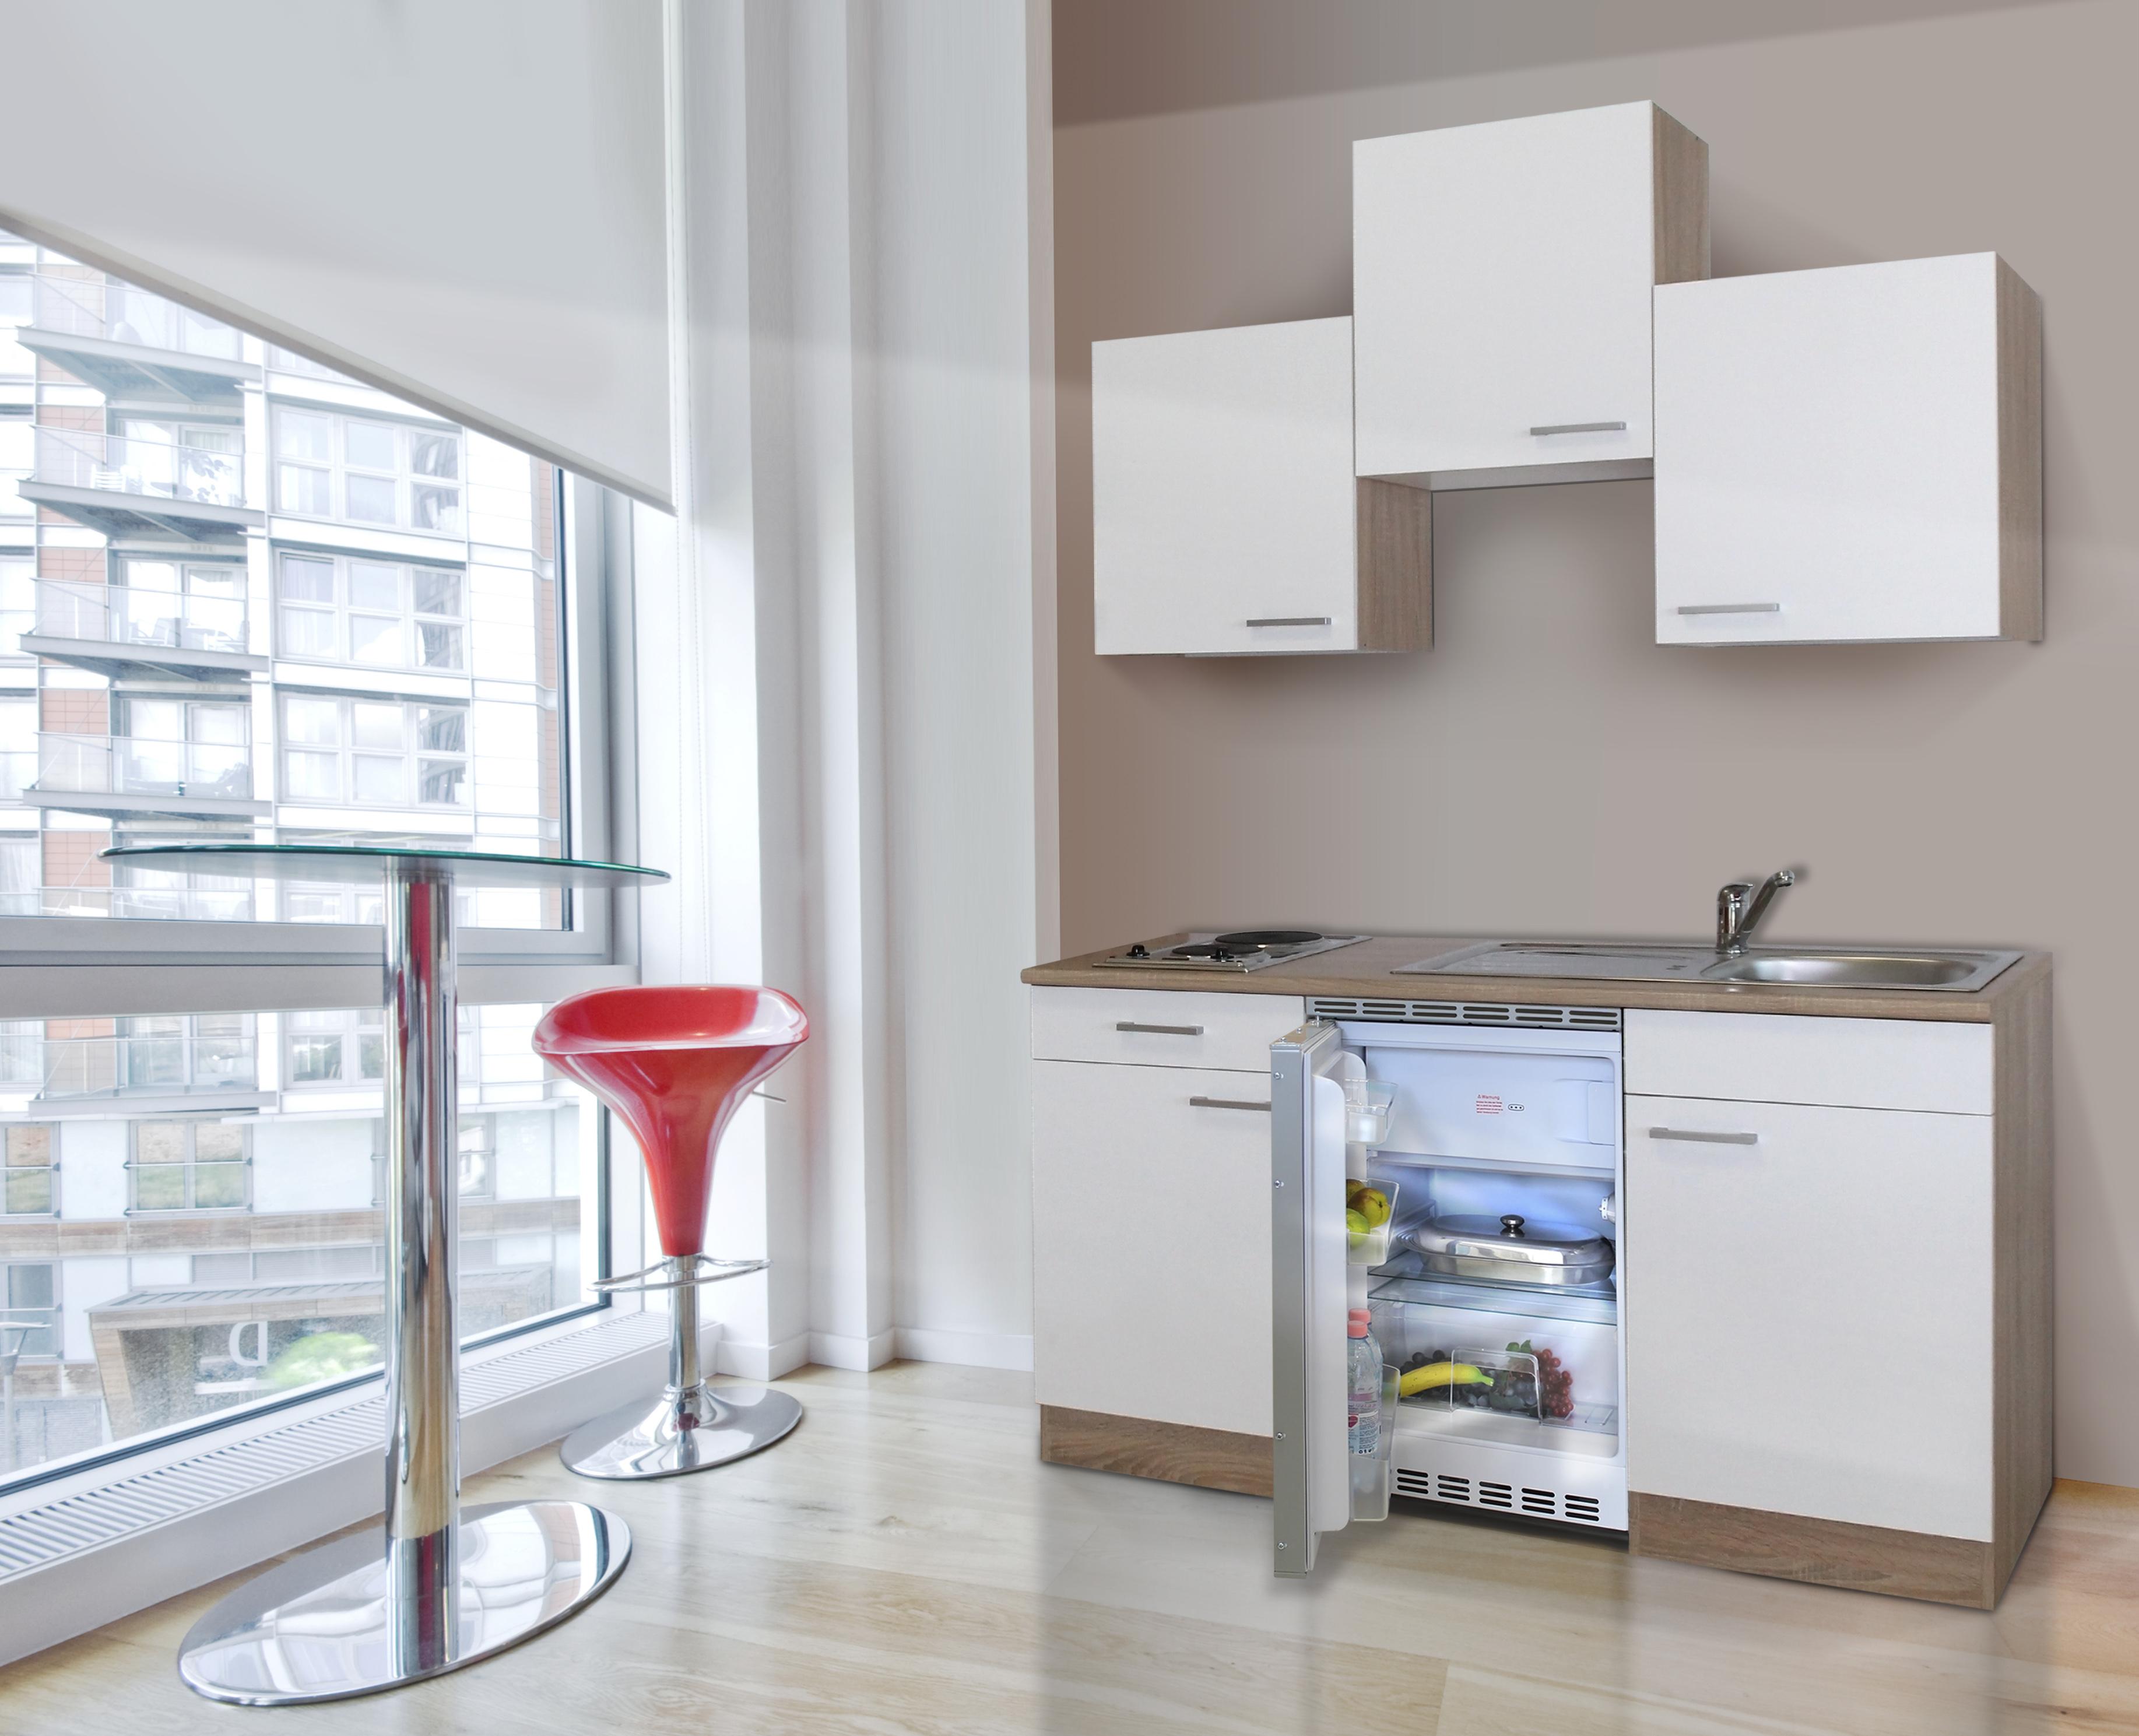 Respekta mini singola cucina angolo cucina blocco cucina for Cucina 150 cm